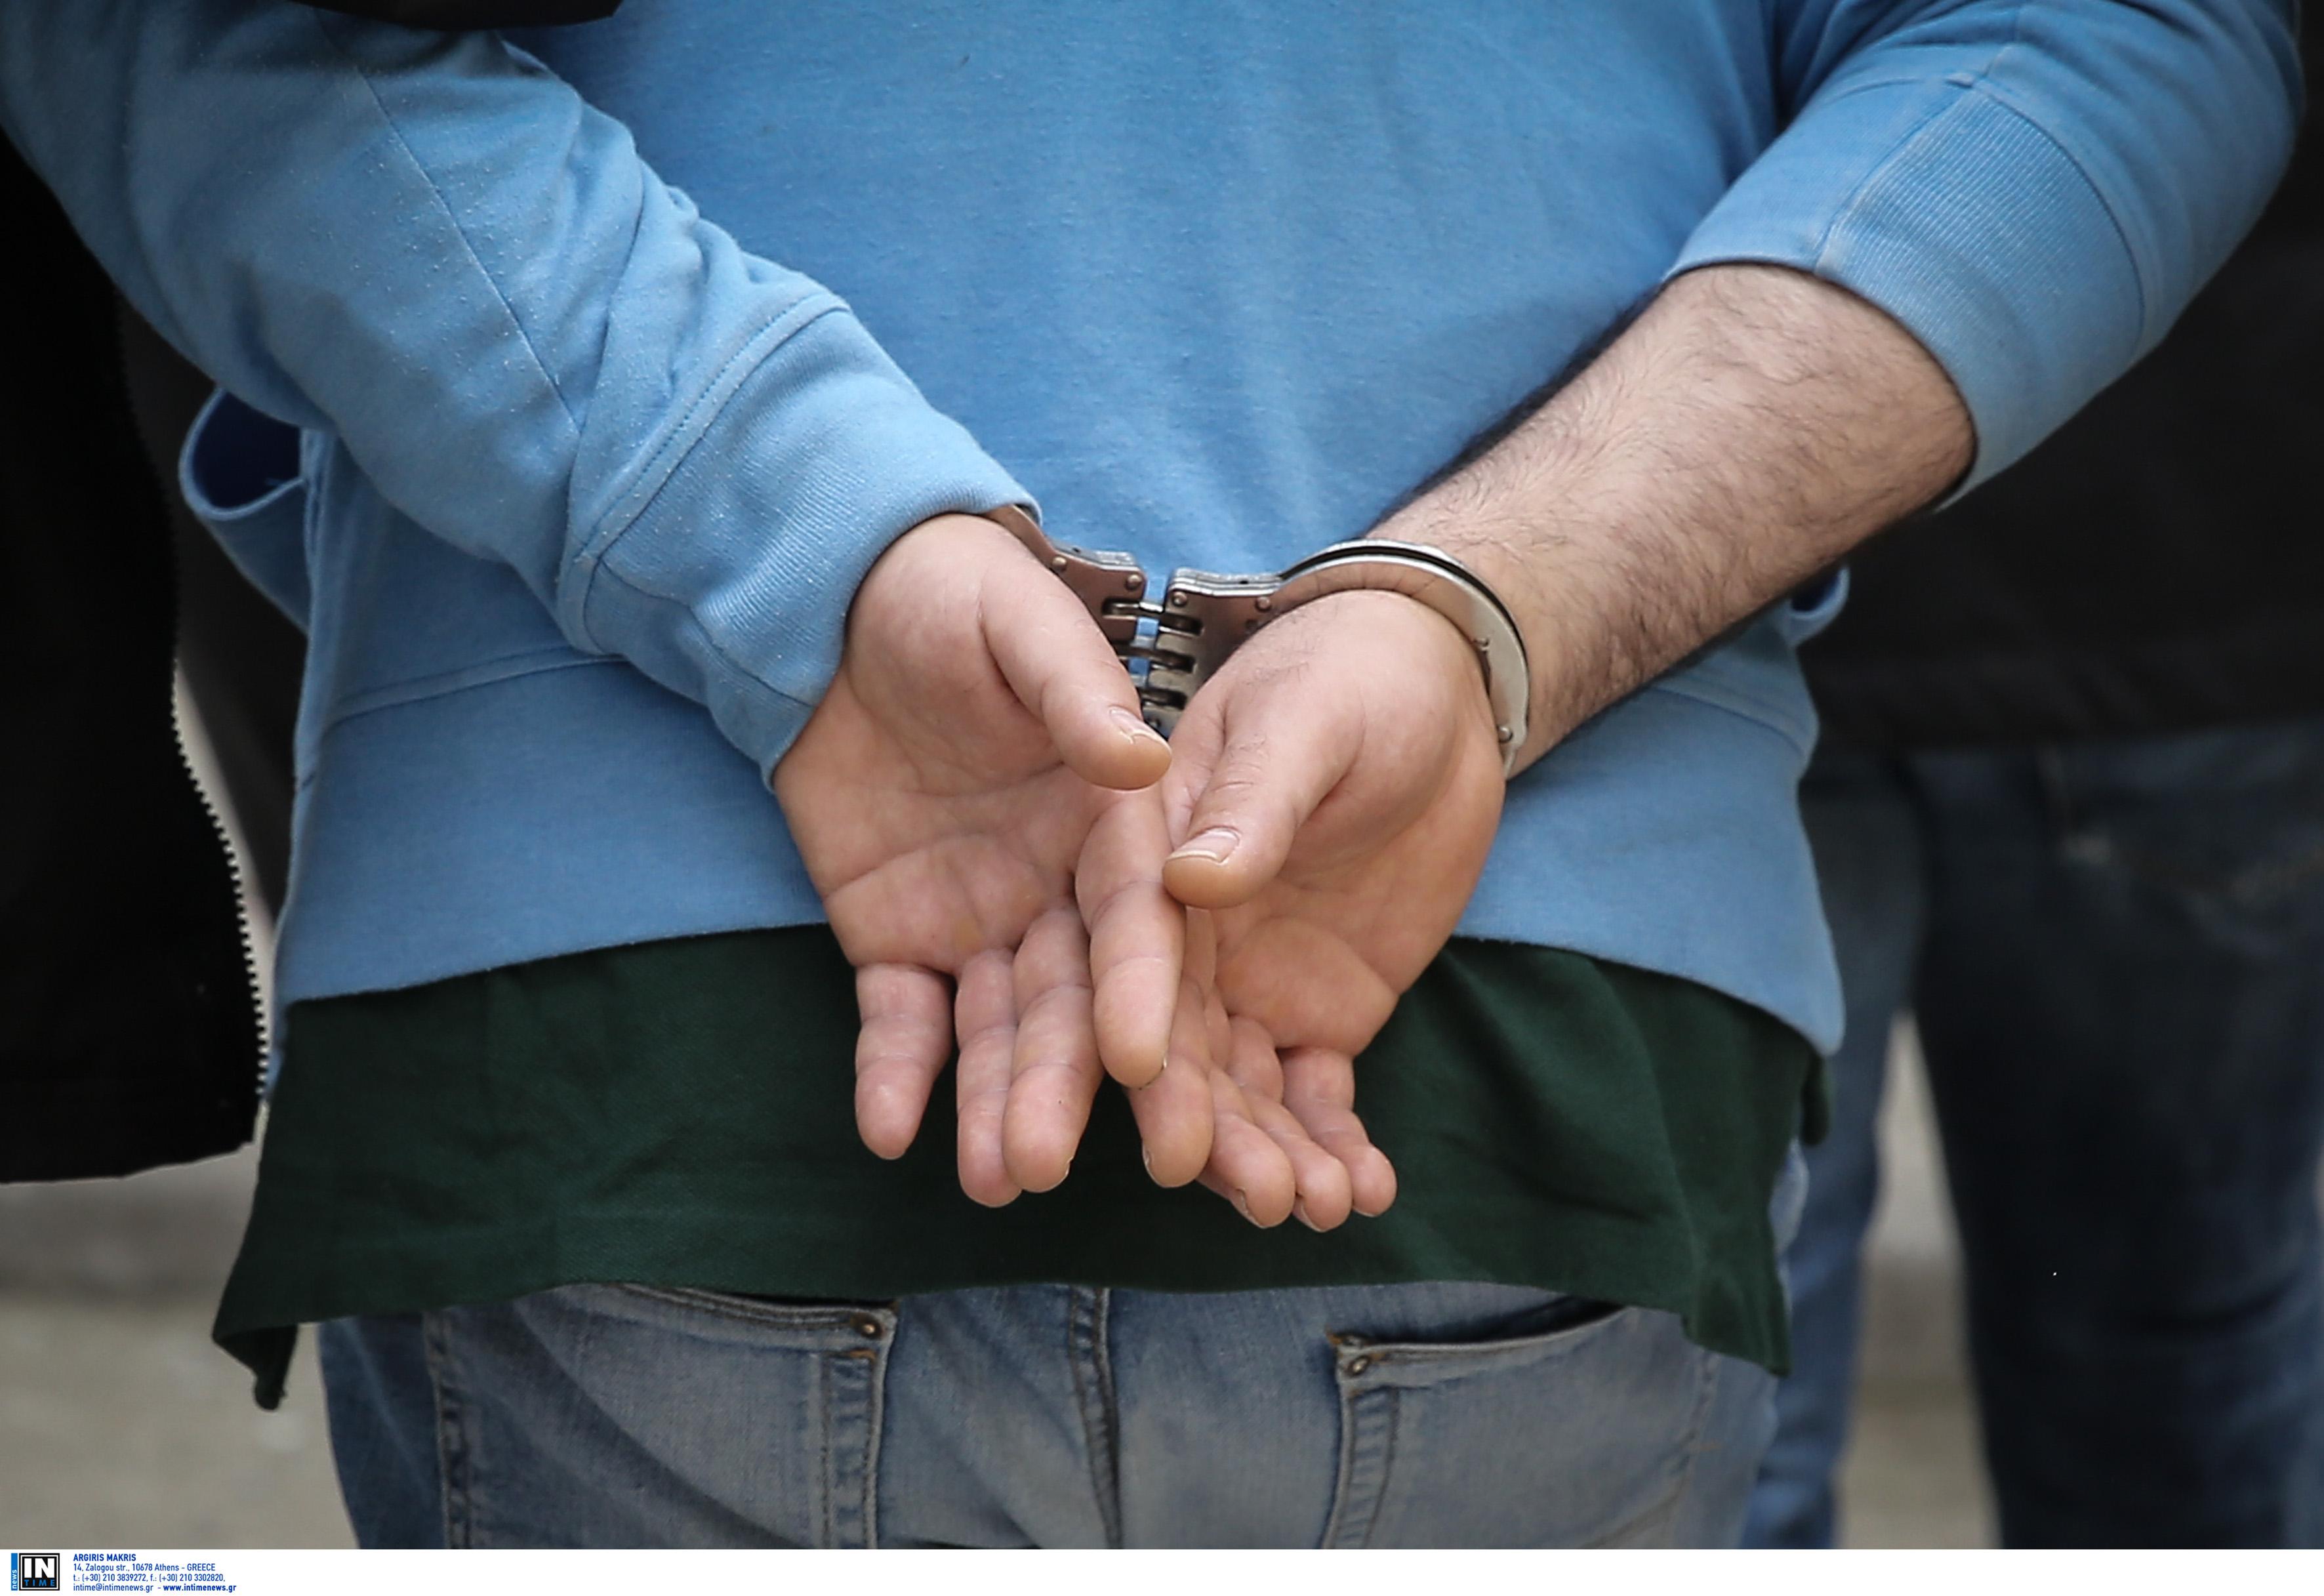 Σπάρτη: Το λάθος που πρόδωσε τους κλέφτες του φαρμακείου